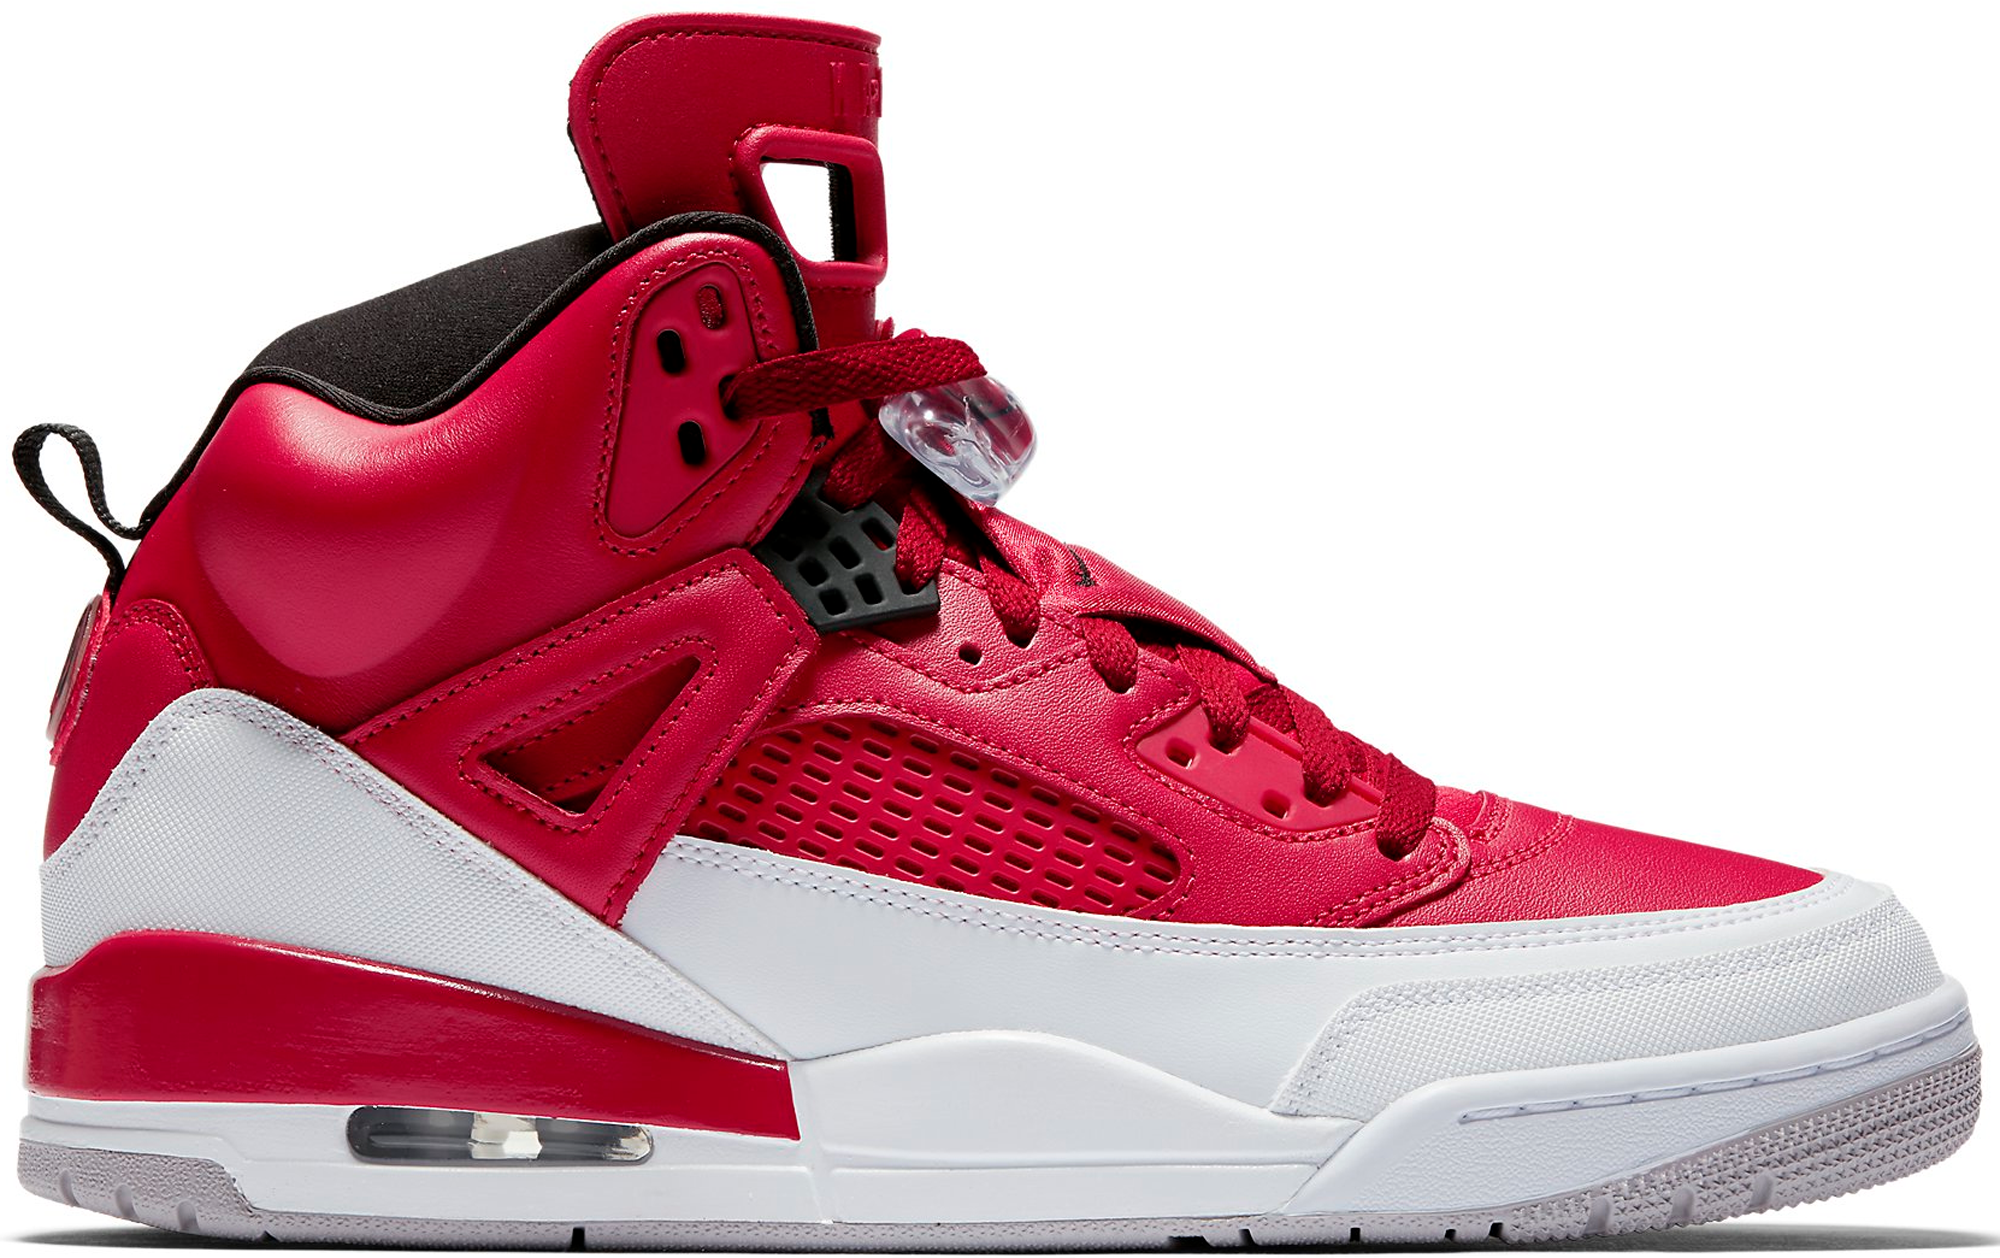 Air Jordan Spizike Rouge